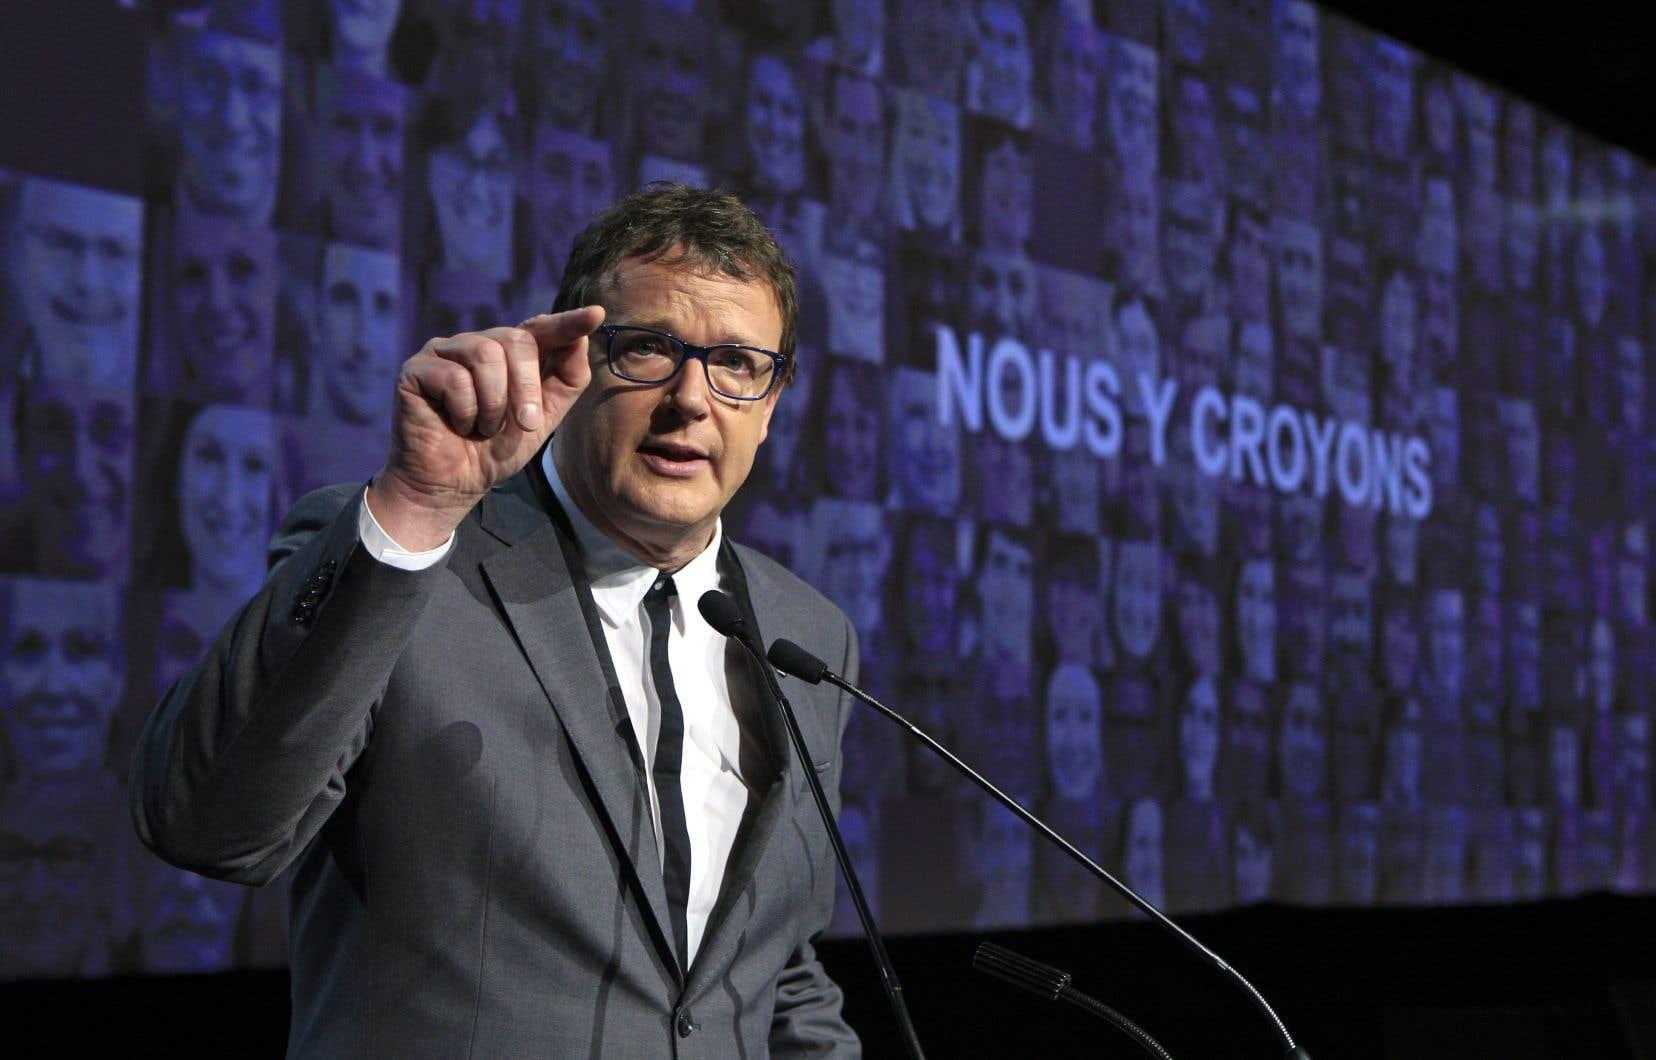 Le président de la Confédération des syndicats nationaux, JacquesLétourneau, confirme qu'il y a une corrélation entre le développement économique d'une région et la présence d'une université.